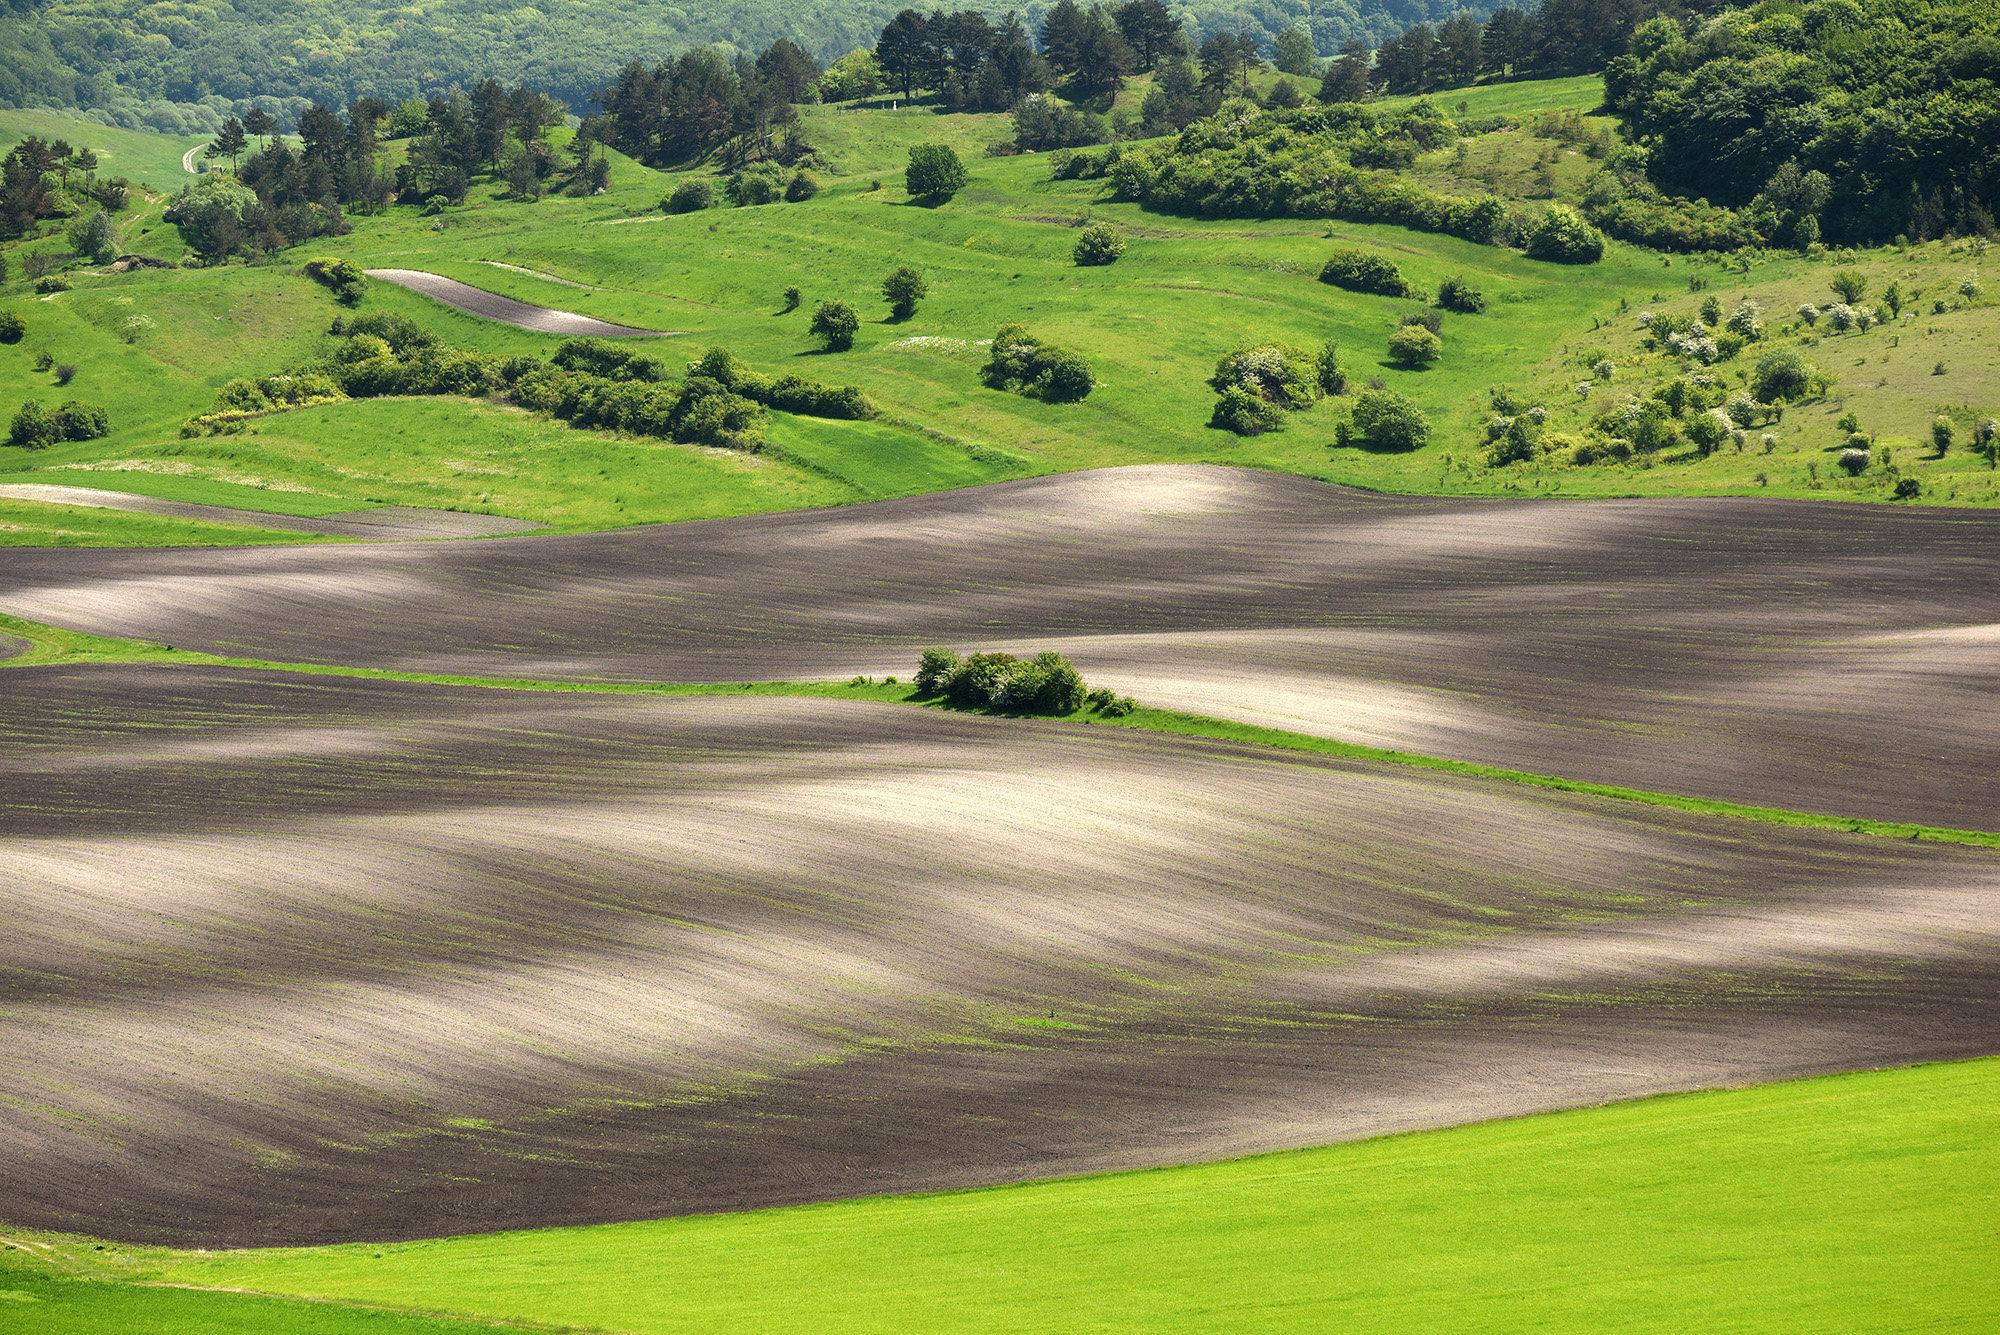 Terra Galicia_(Yurko Dyachyshyn)_14.jpg